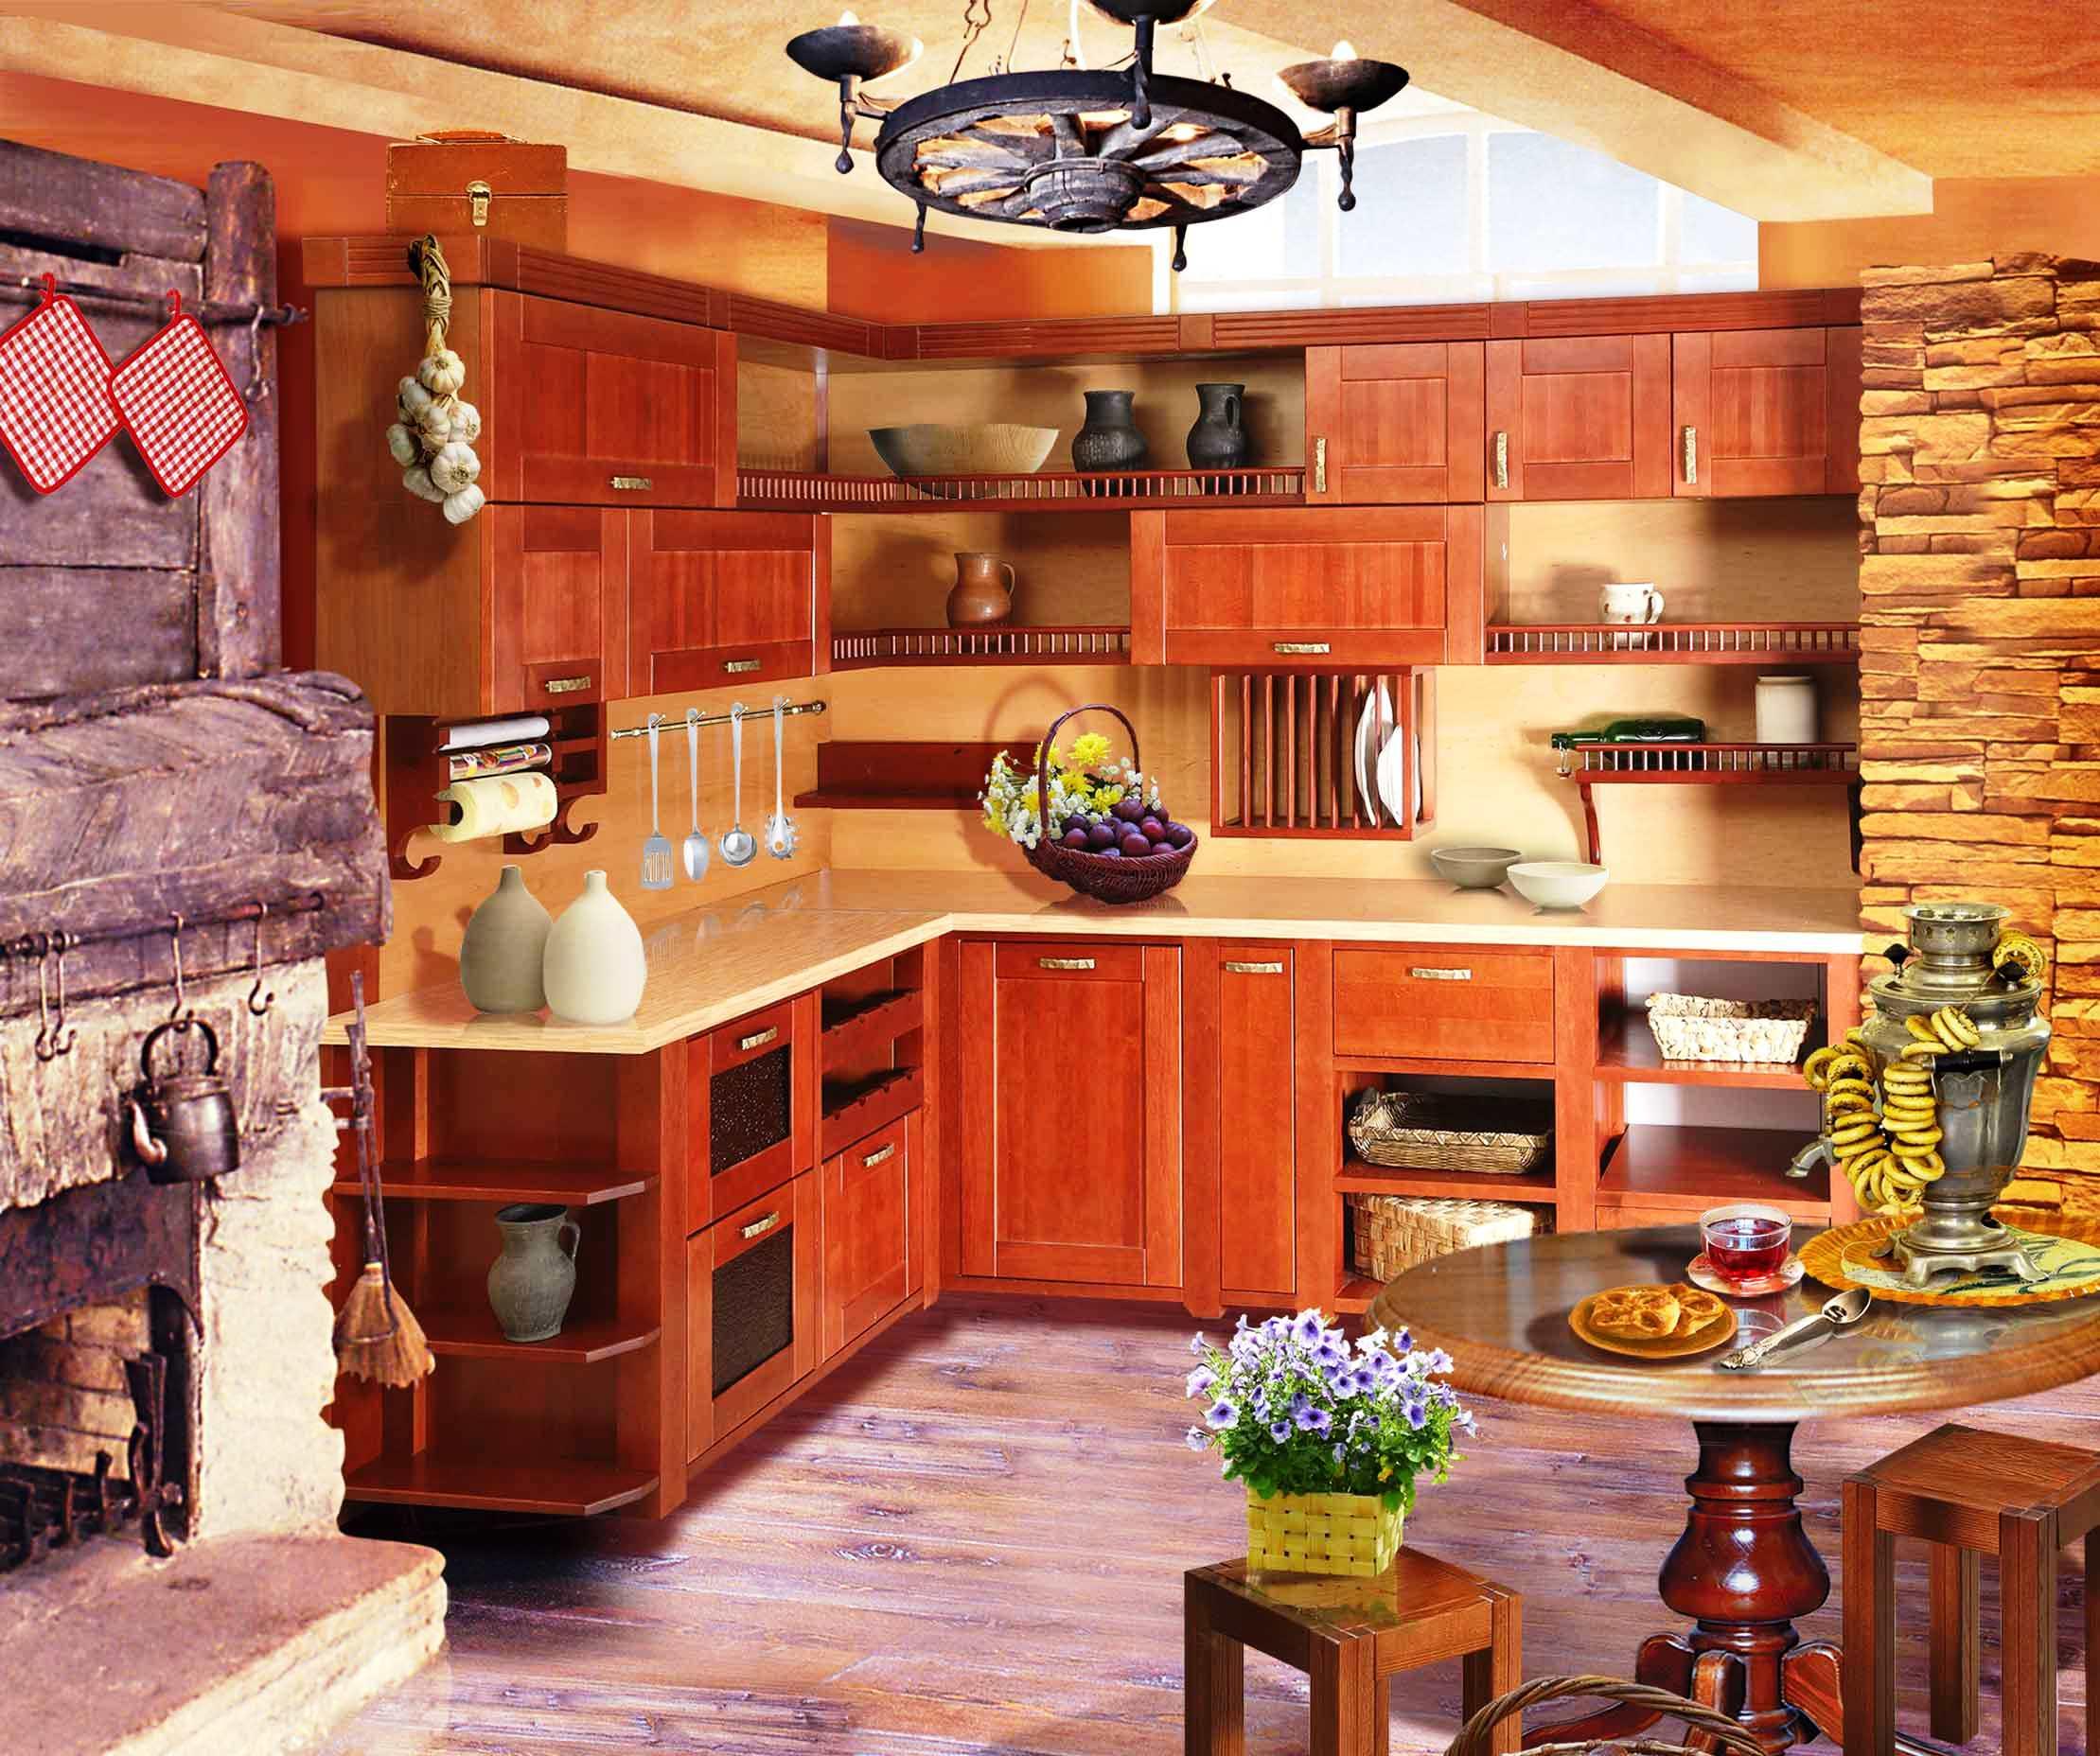 Через значне простору дизайн кухні в